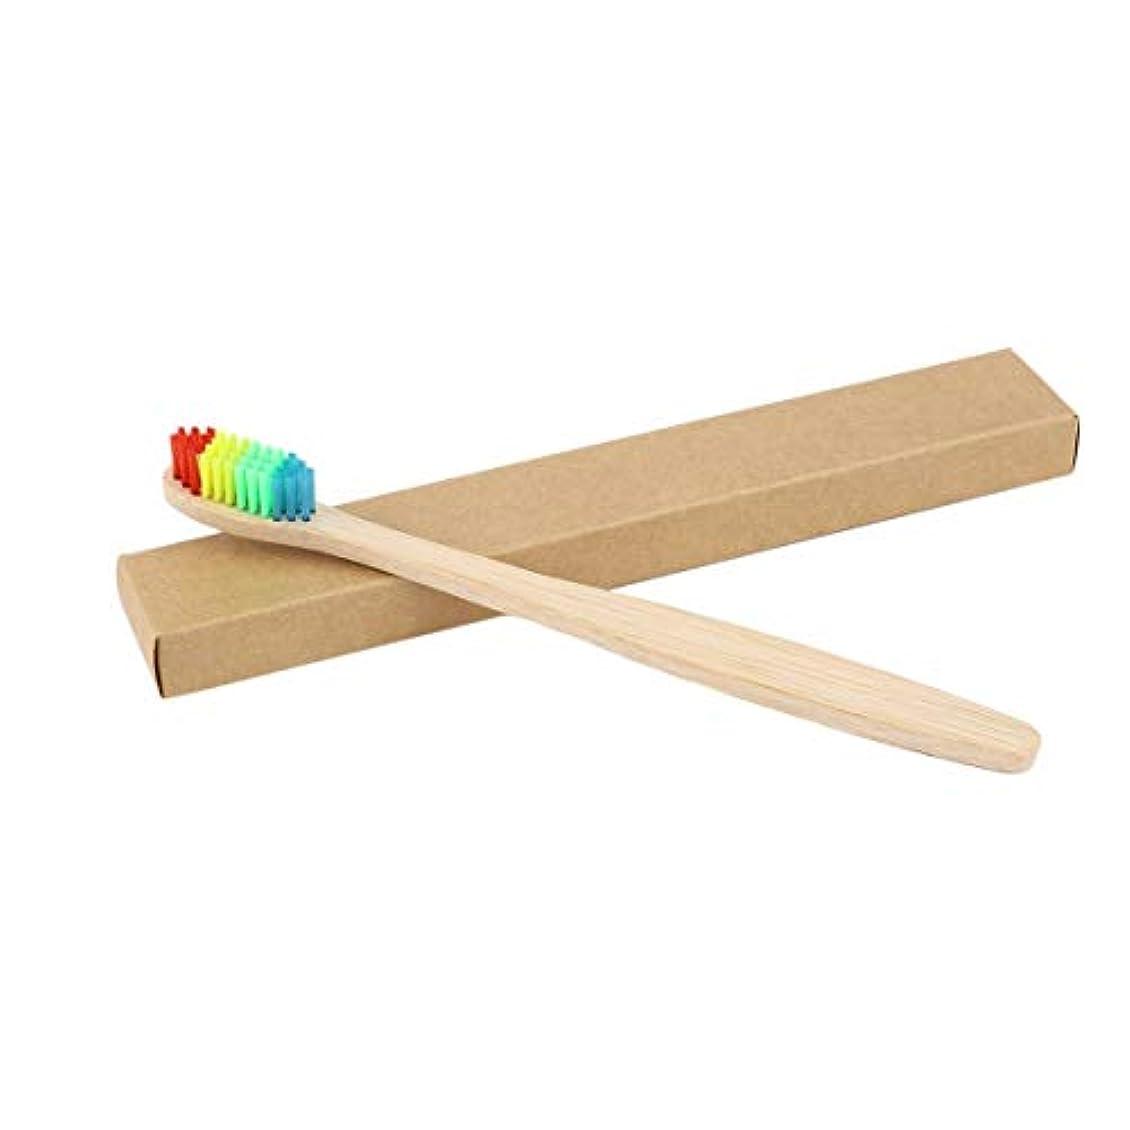 肥満実験的電気のカラフルな髪+竹のハンドル歯ブラシ環境木製の虹竹の歯ブラシオーラルケアソフト剛毛ユニセックス - ウッドカラー+カラフル